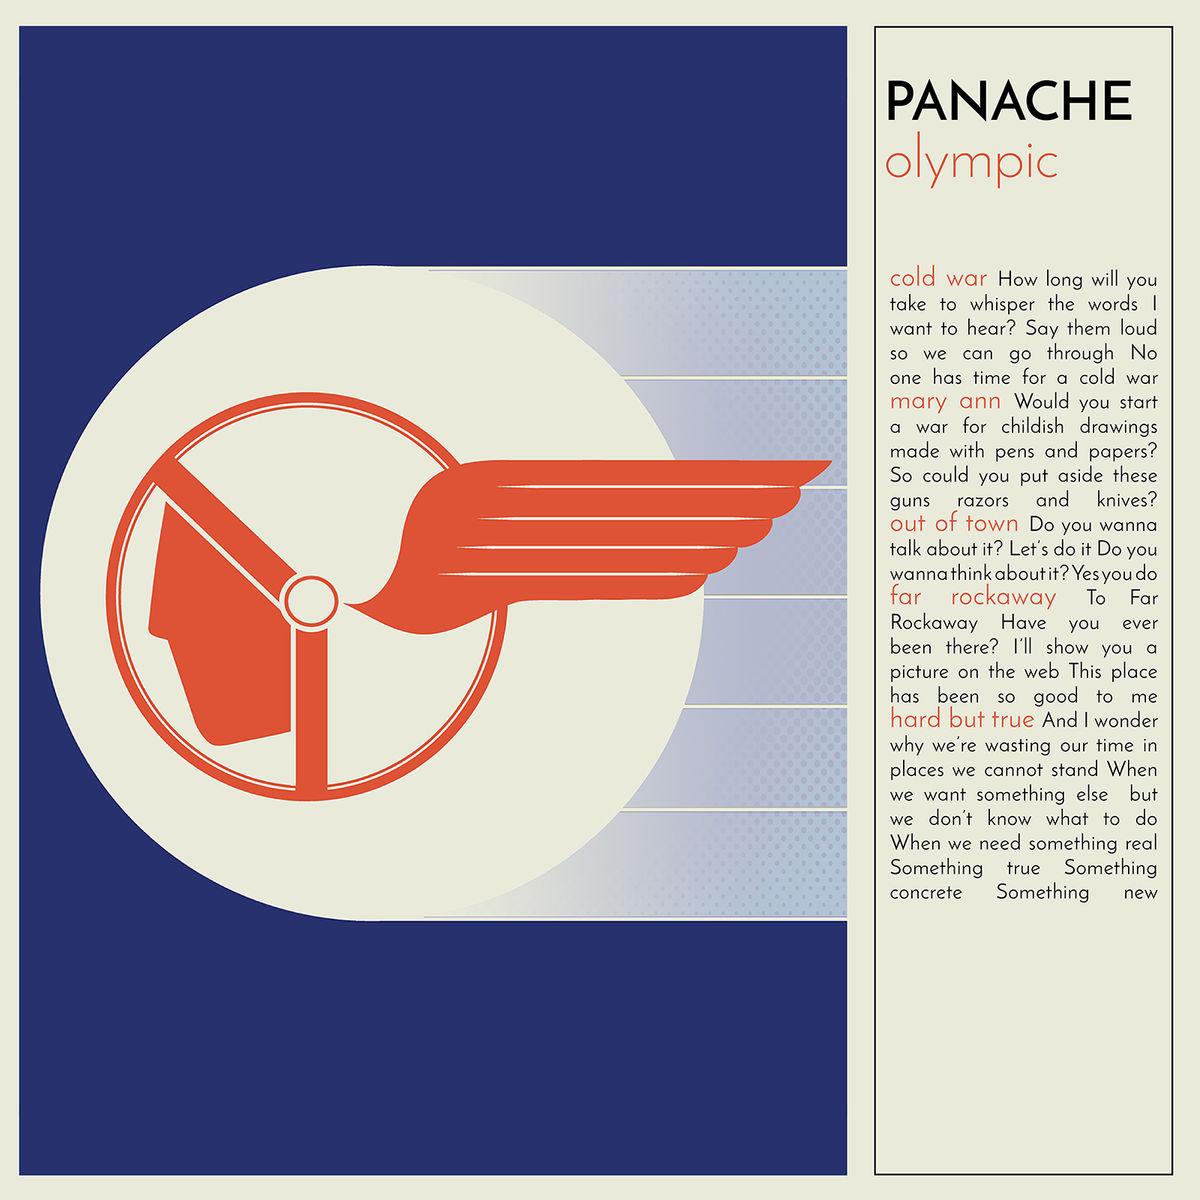 Panache Olympic